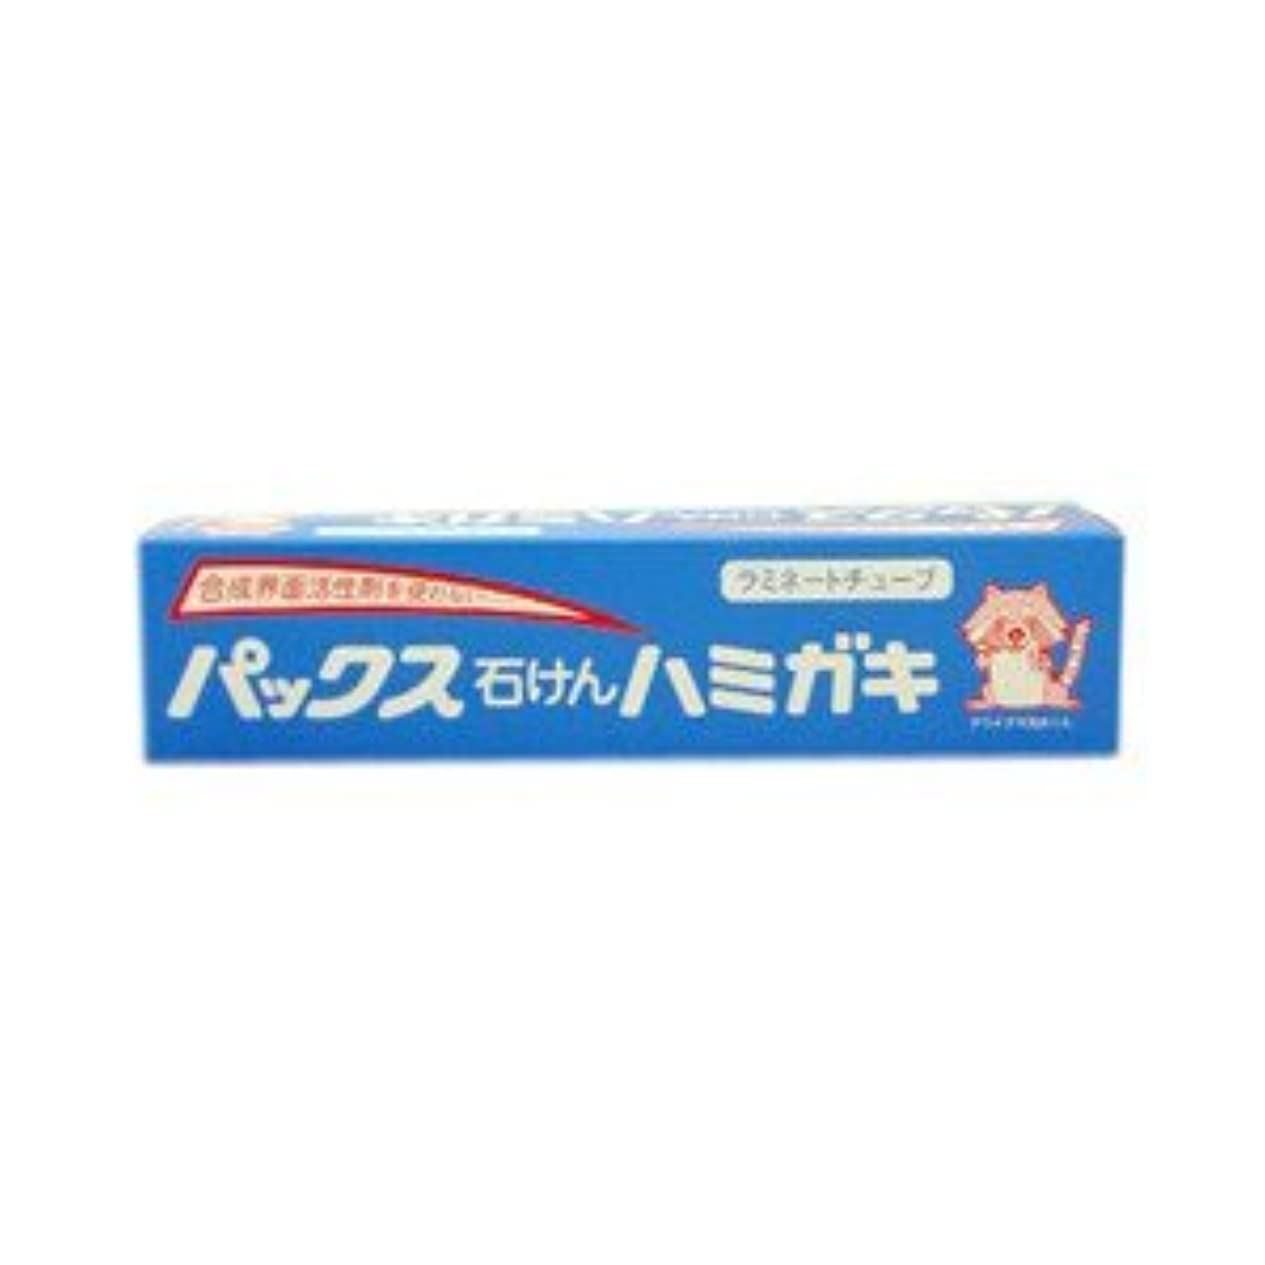 たくさん潮ピカソ〔ムソー/パックス〕石けんハミガキ 140g 13セット【64404】